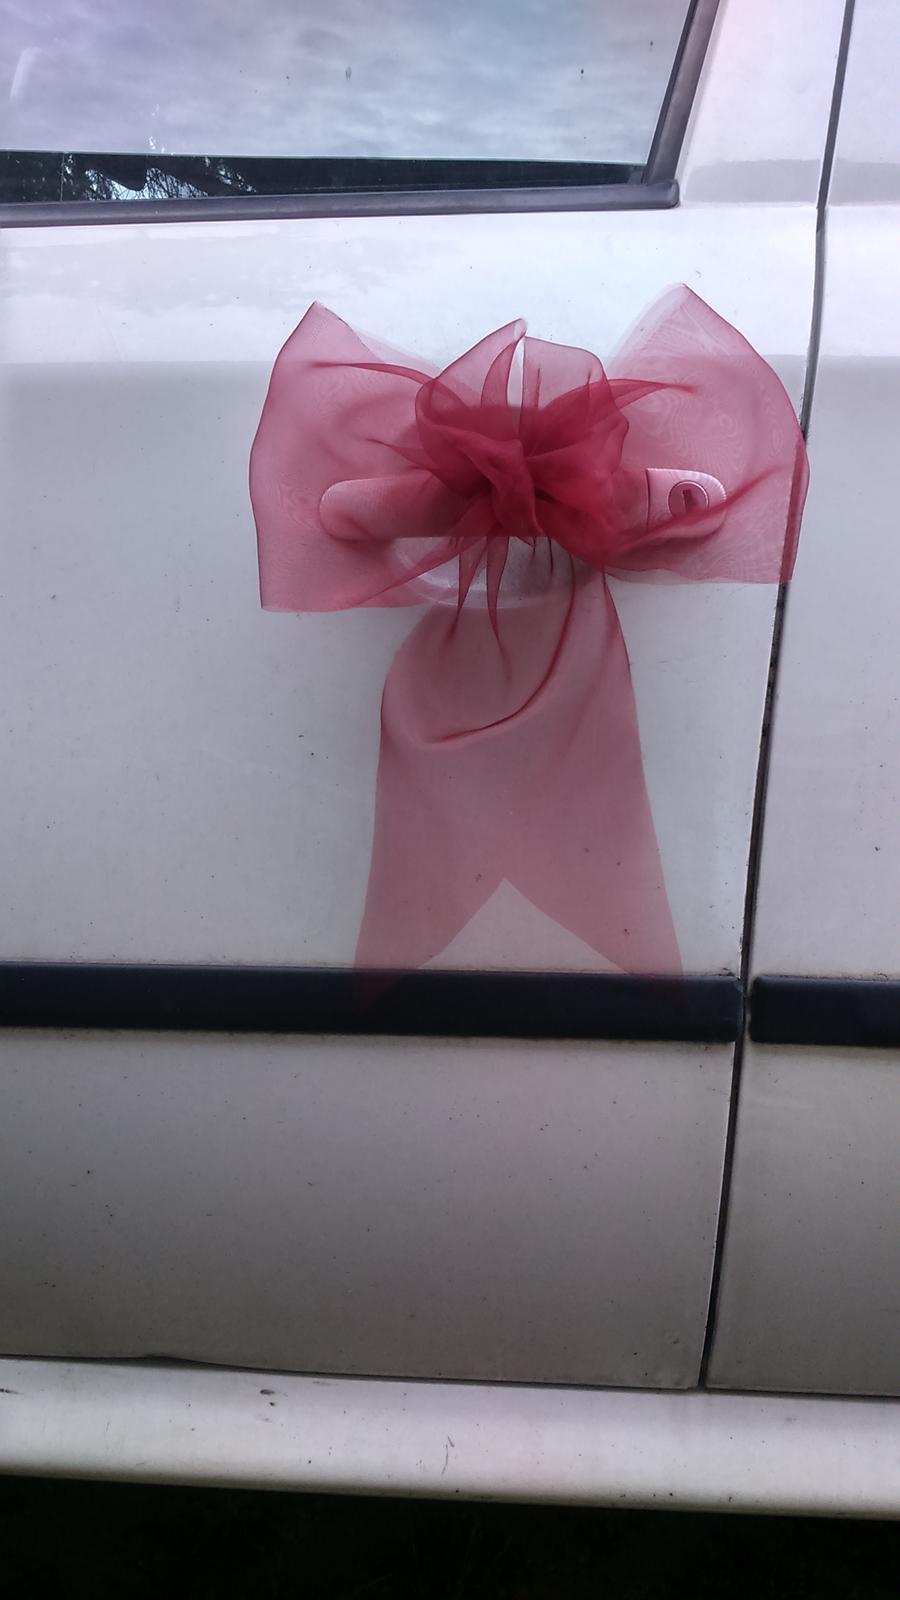 Mašle na kliky aut - Obrázek č. 1